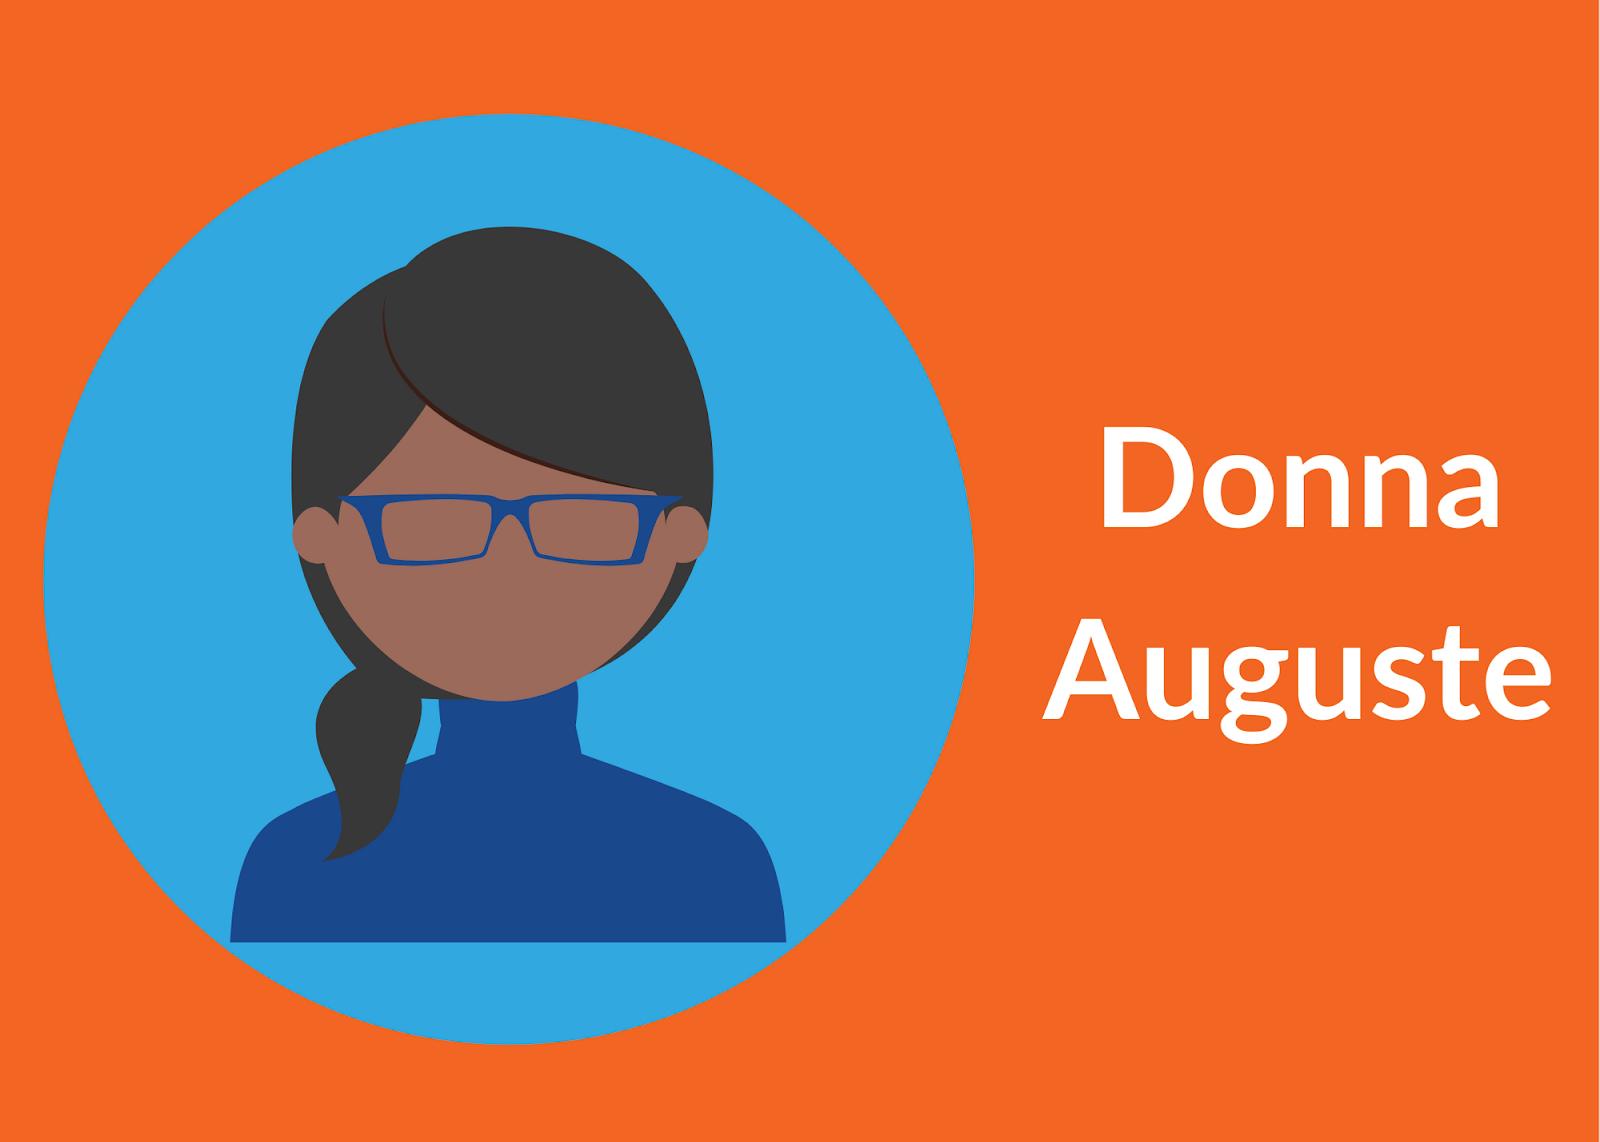 Donna Auguste avatar